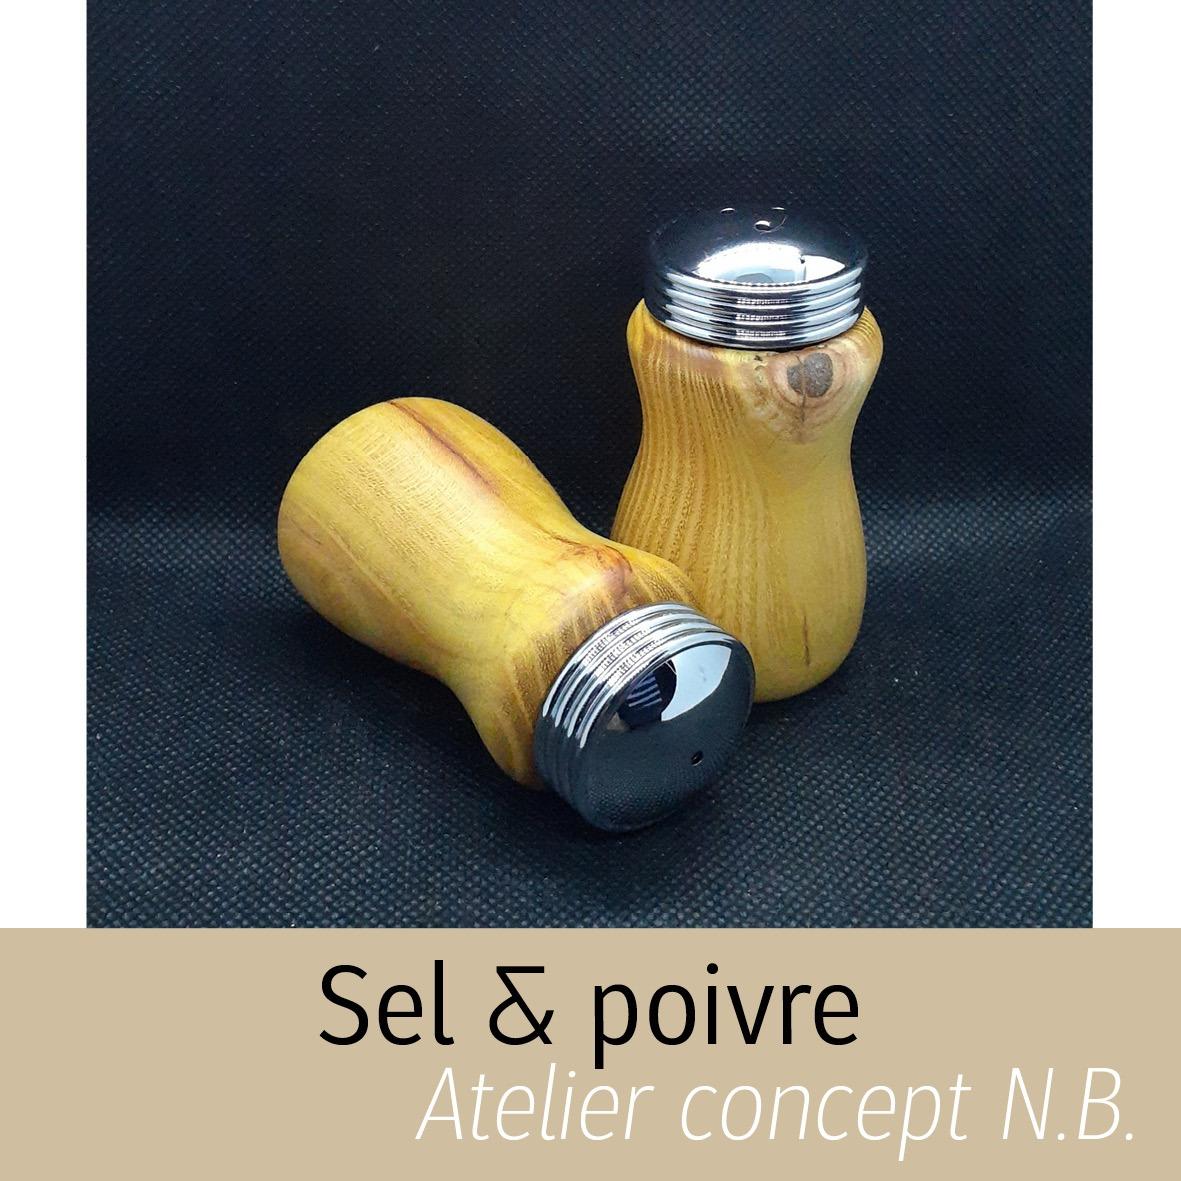 Salière et poivrière Atelier concept N.B